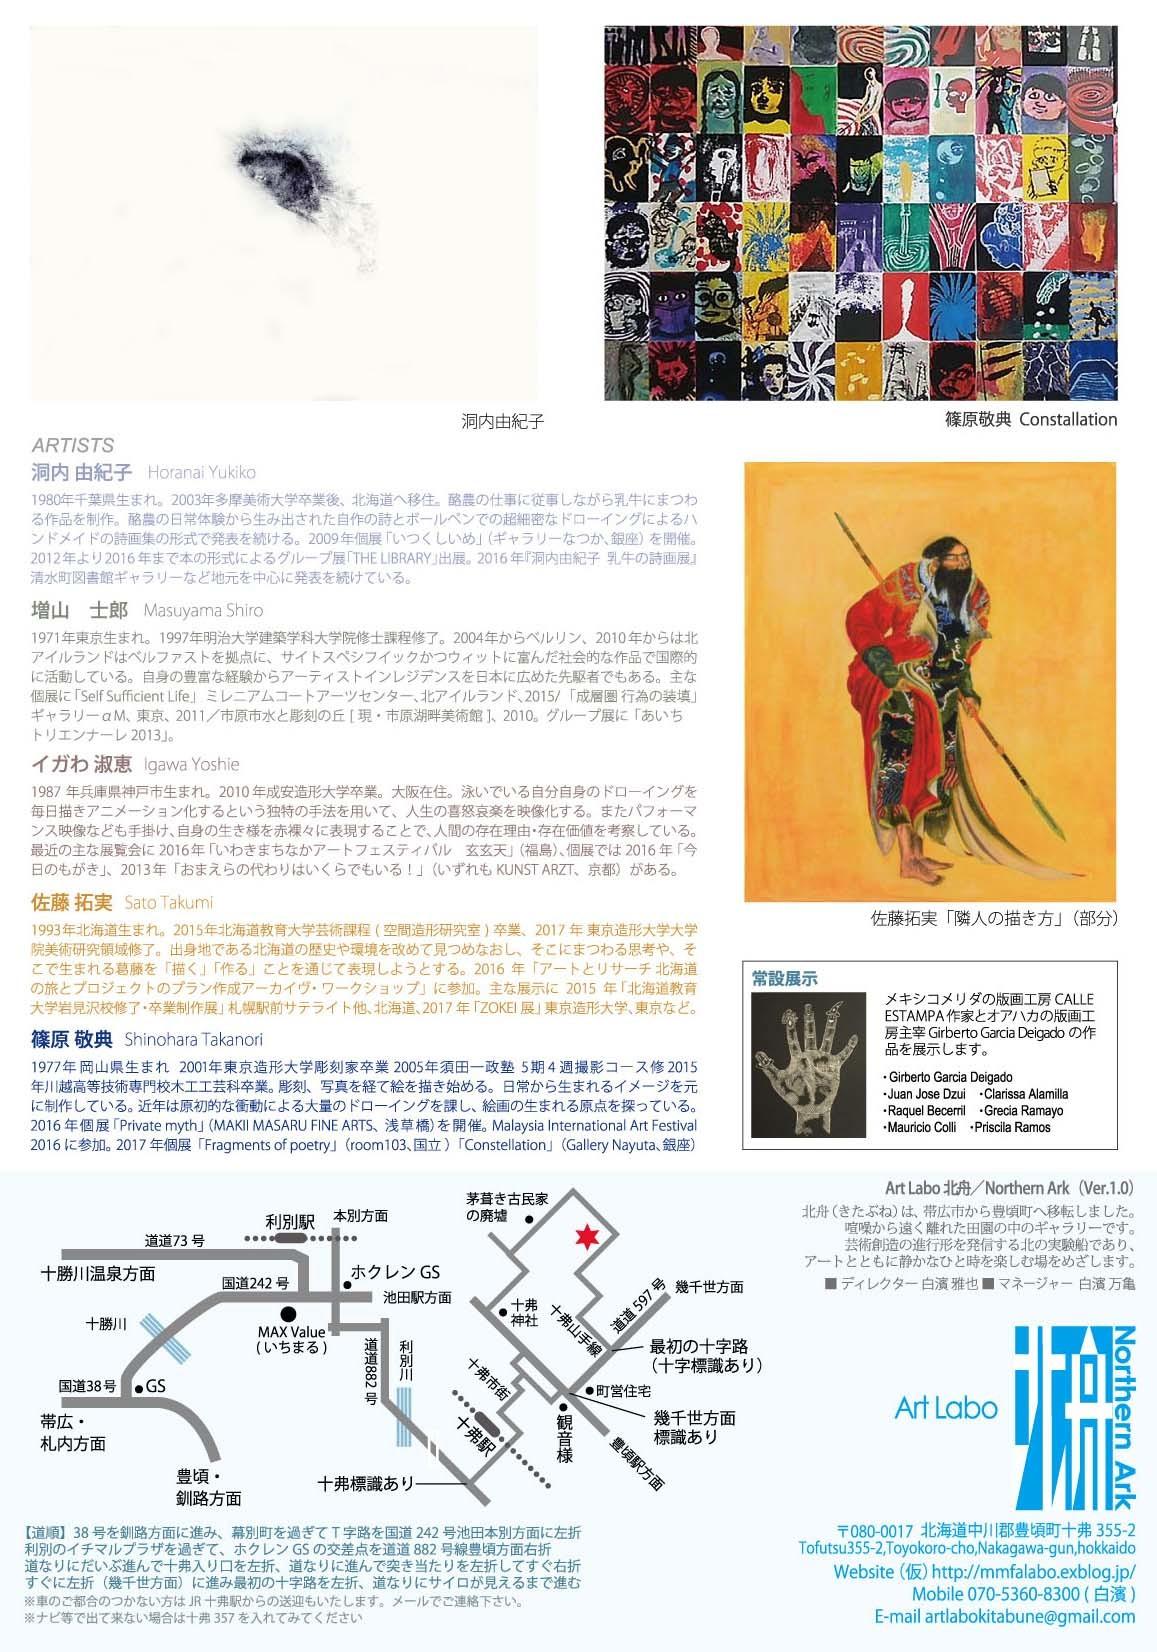 Art Labo 北舟 再開記念展「生きる事の輪郭線」_f0185280_21260577.jpg